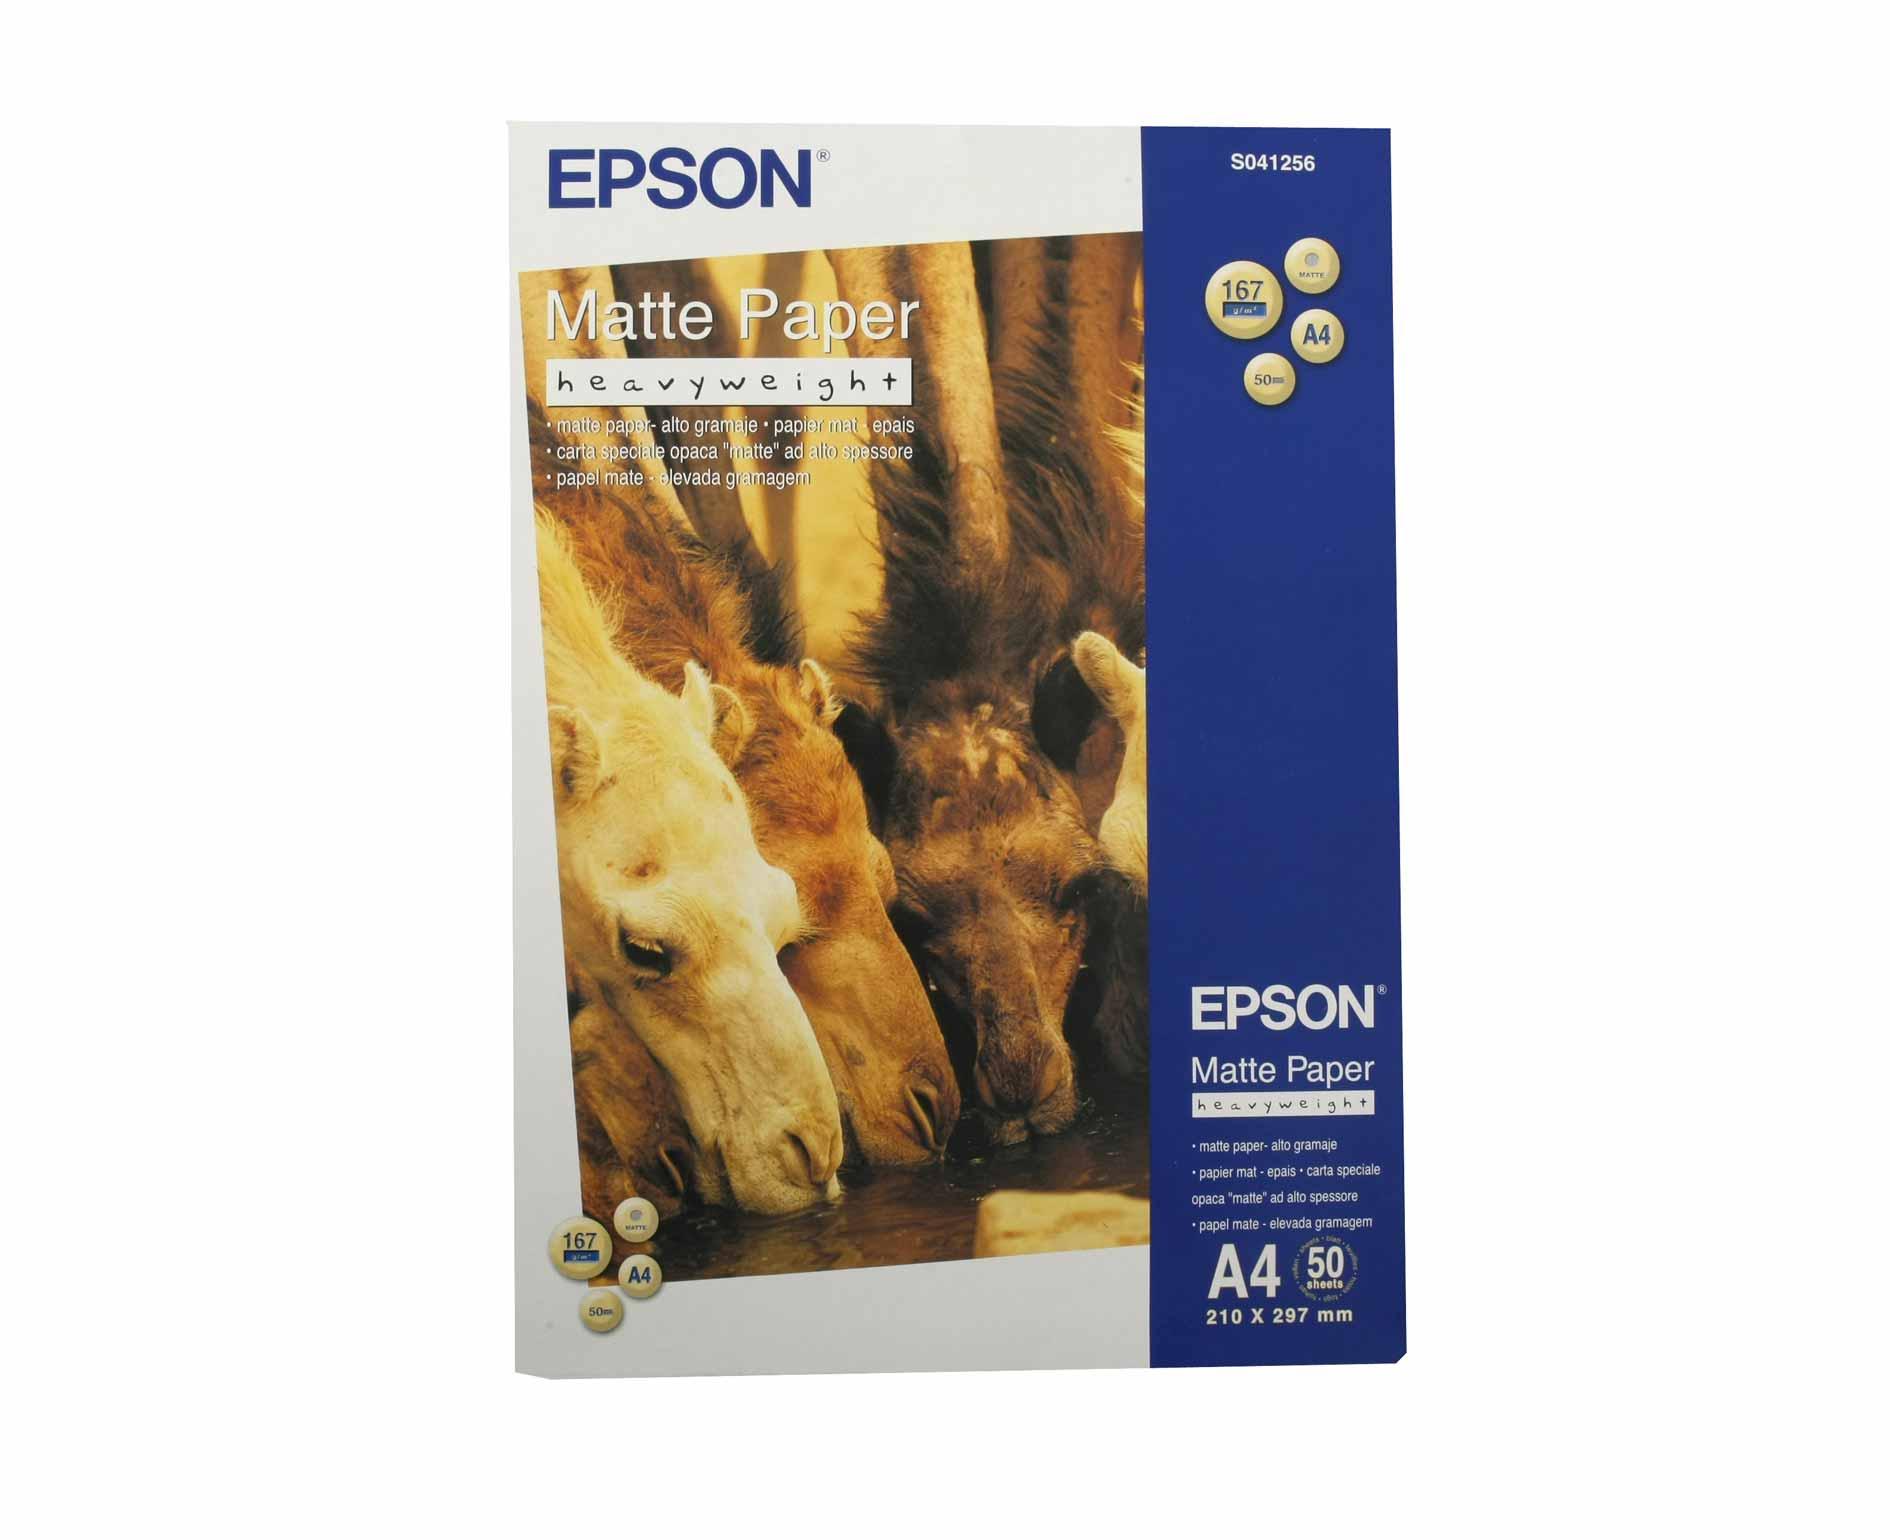 EPS041256